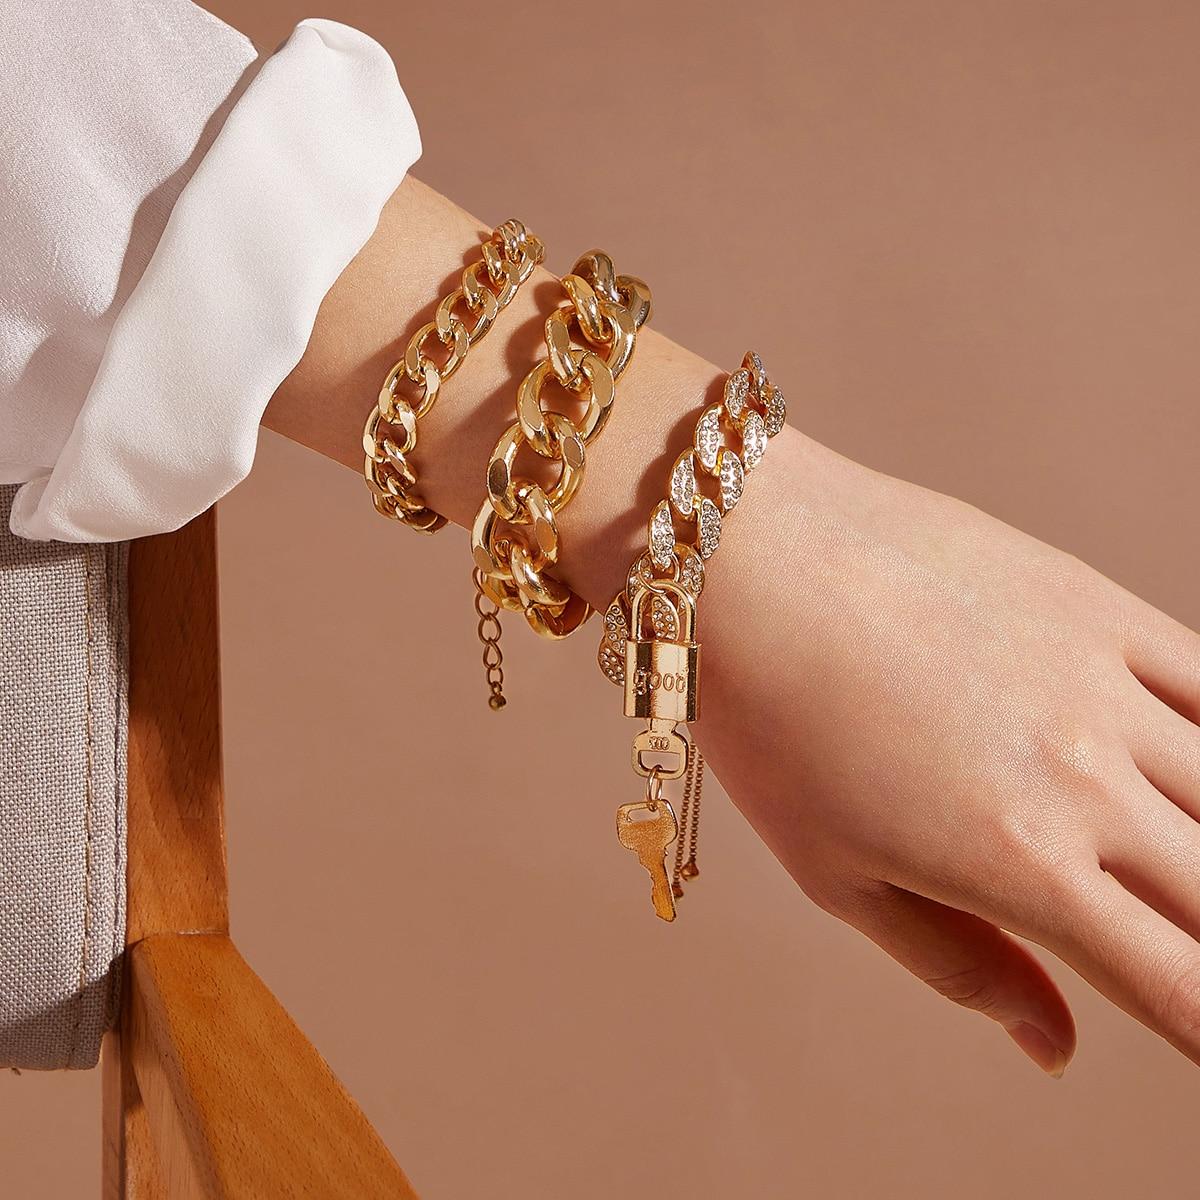 3 Stücke Schloss & Schlüssely Charm Kette Armband